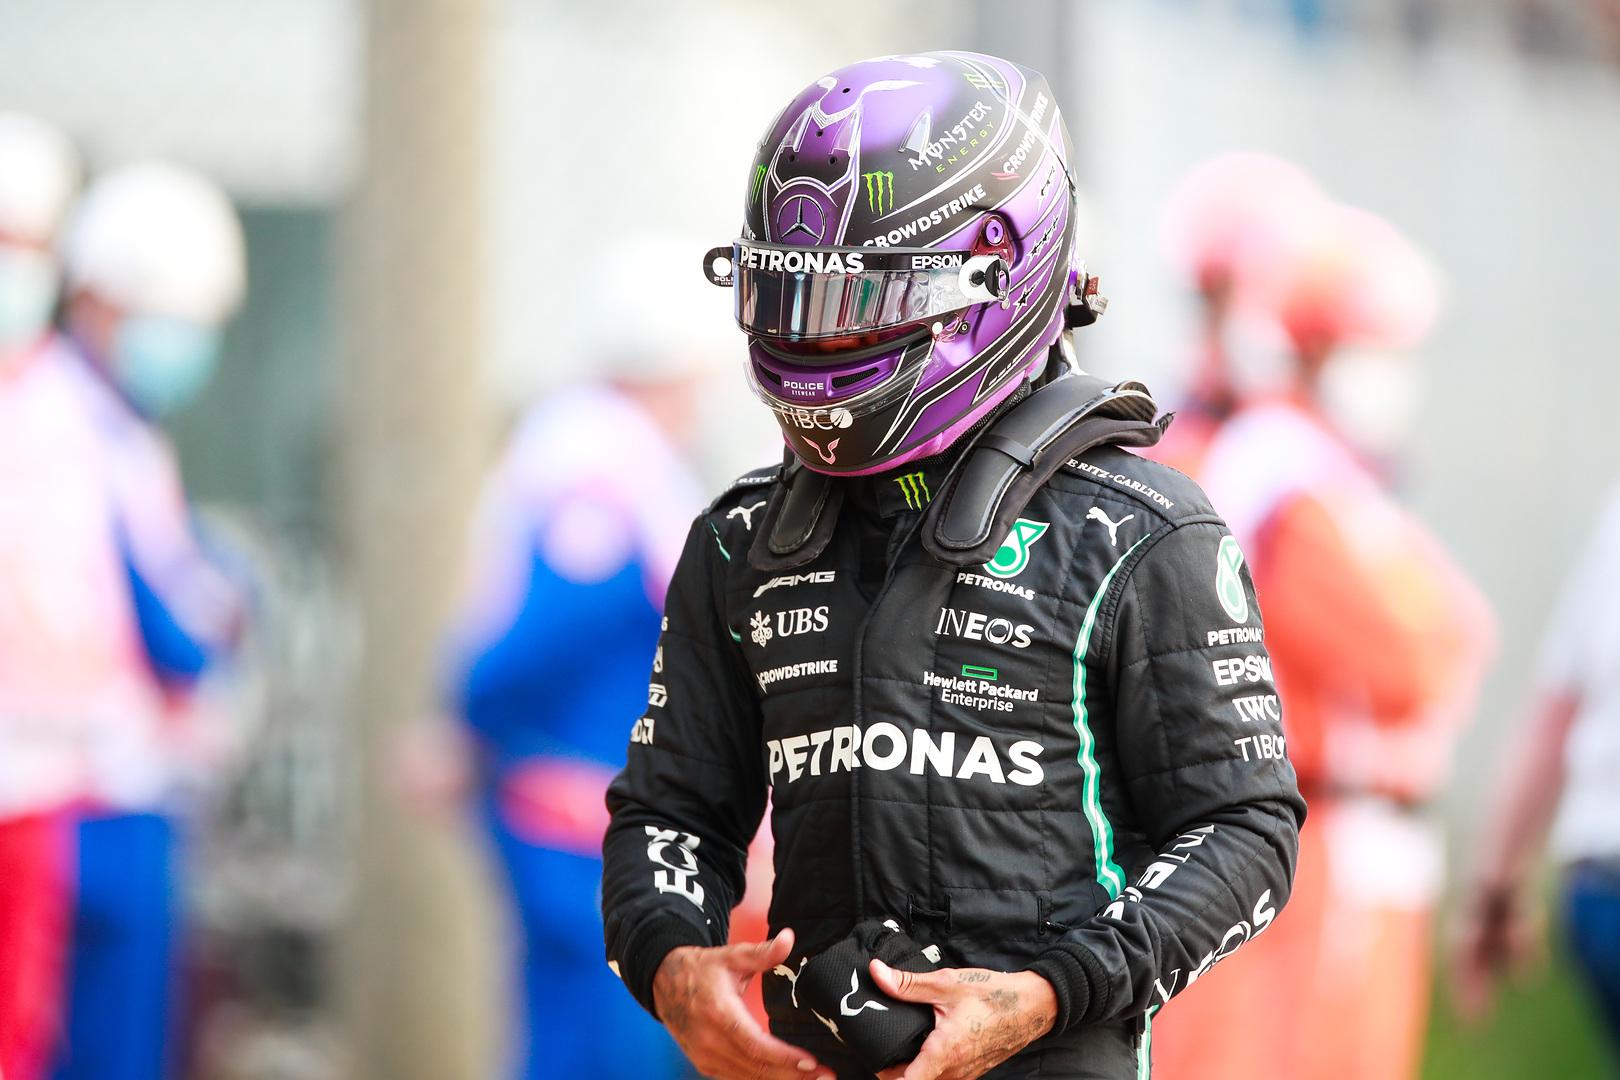 """F1 - Lewis Hamilton prédit """"une victoire facile"""" pour Verstappen à Monza"""